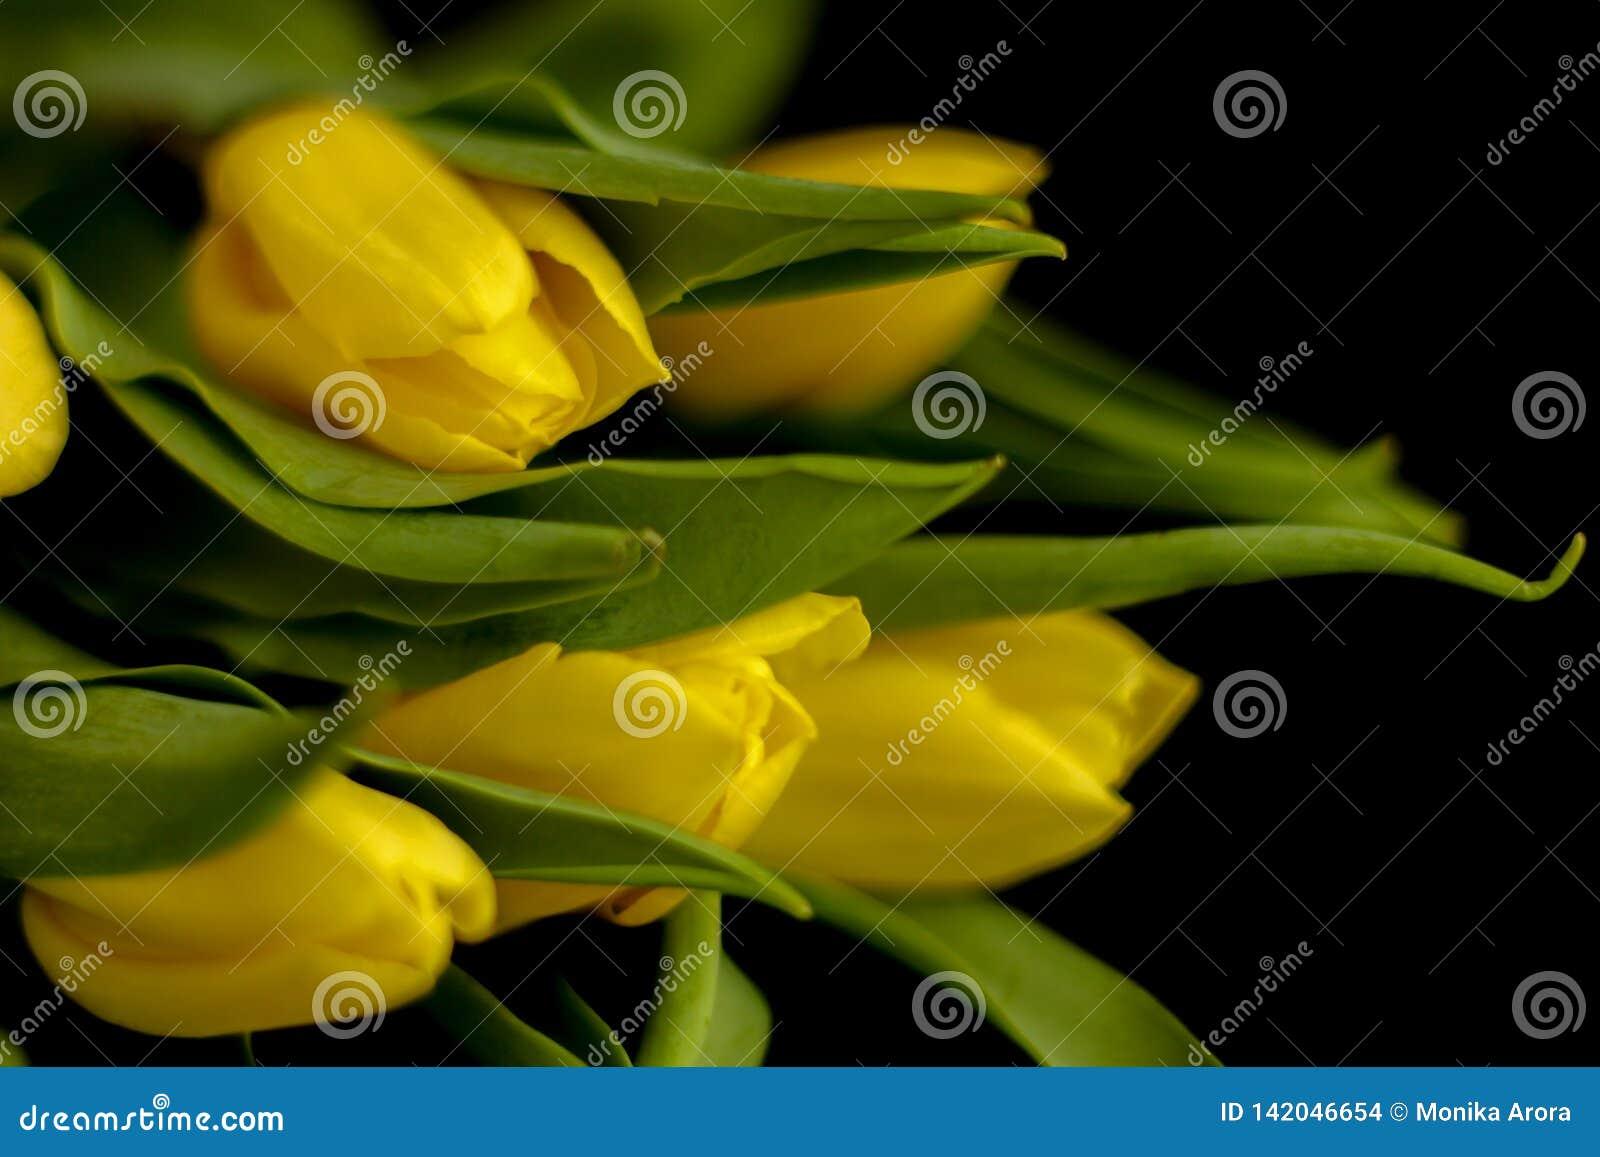 Flores da mola - conceito perfeito para meios sociais